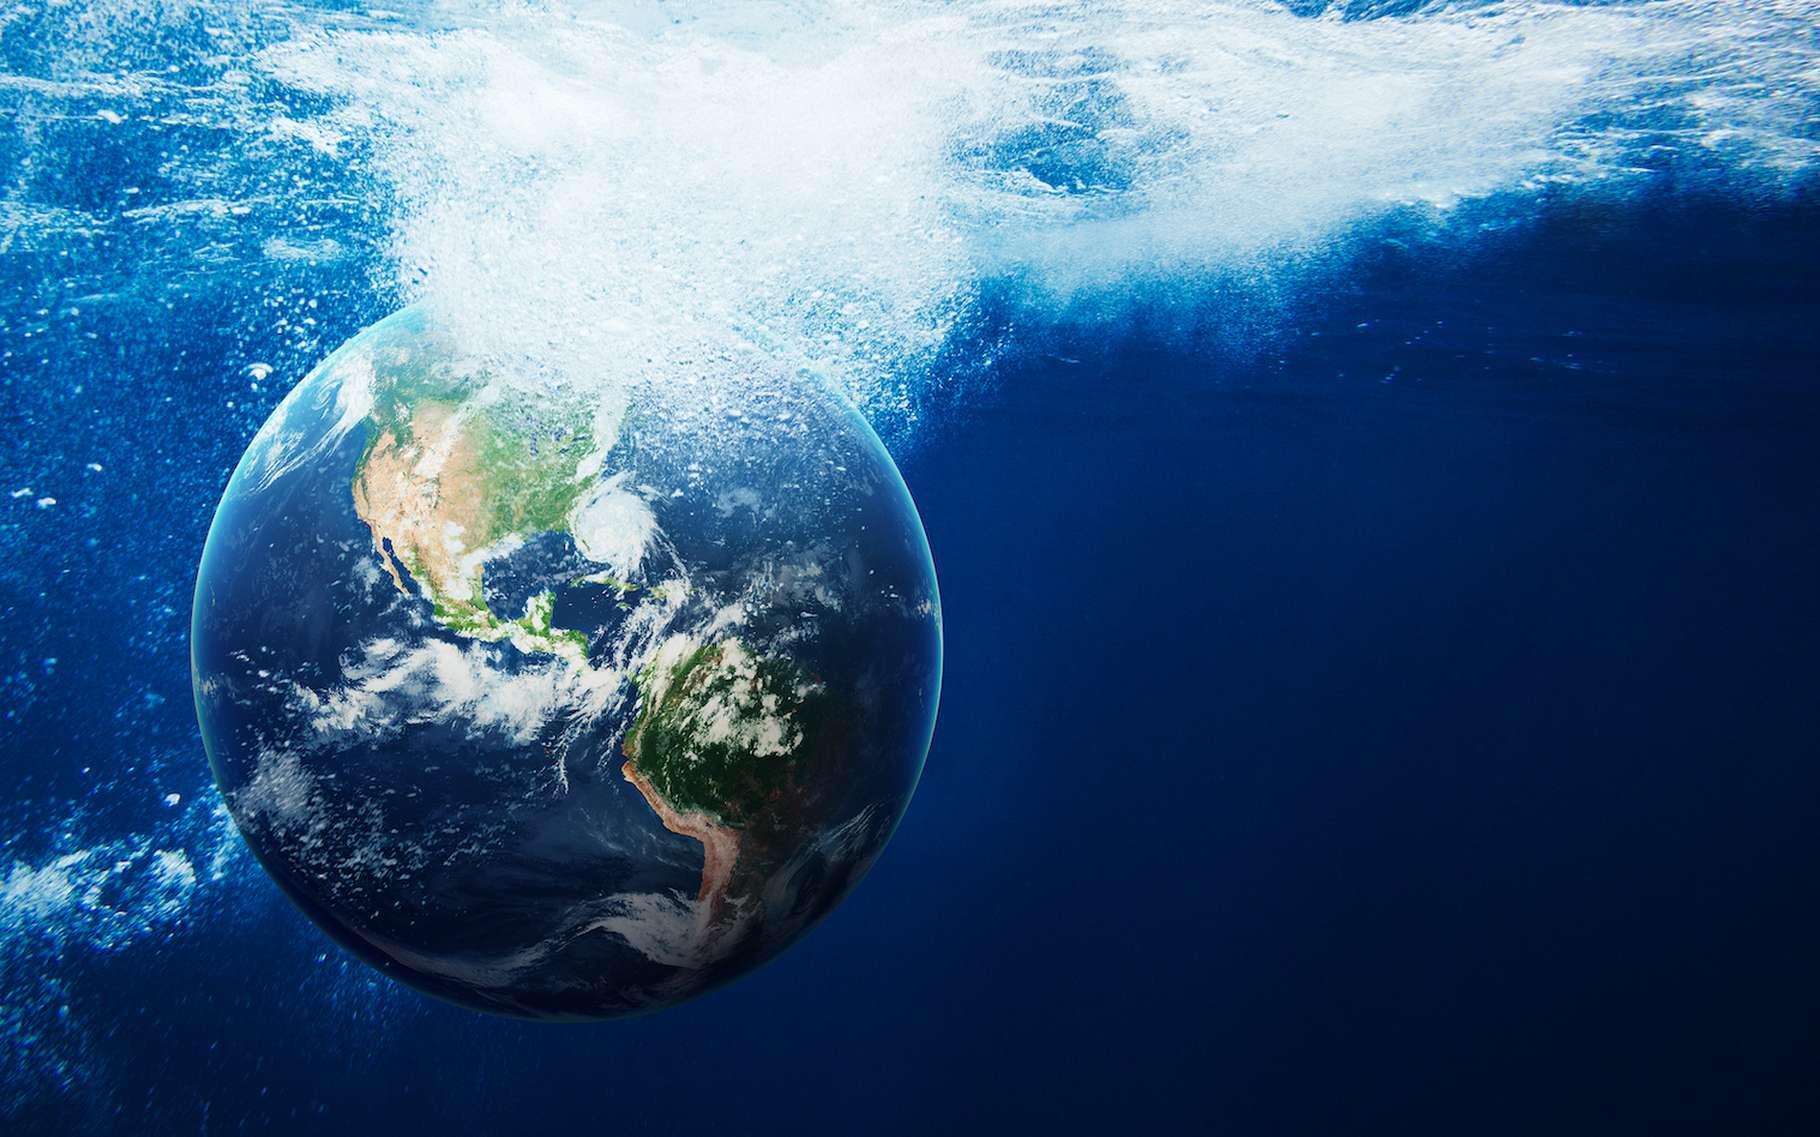 L'océan apparaît comme un rouage essentiel de la machine climatique. Ainsi certains imaginent qu'il pourrait nous aider à lutter contre le réchauffement anthropique. © robert, Adobe Stock